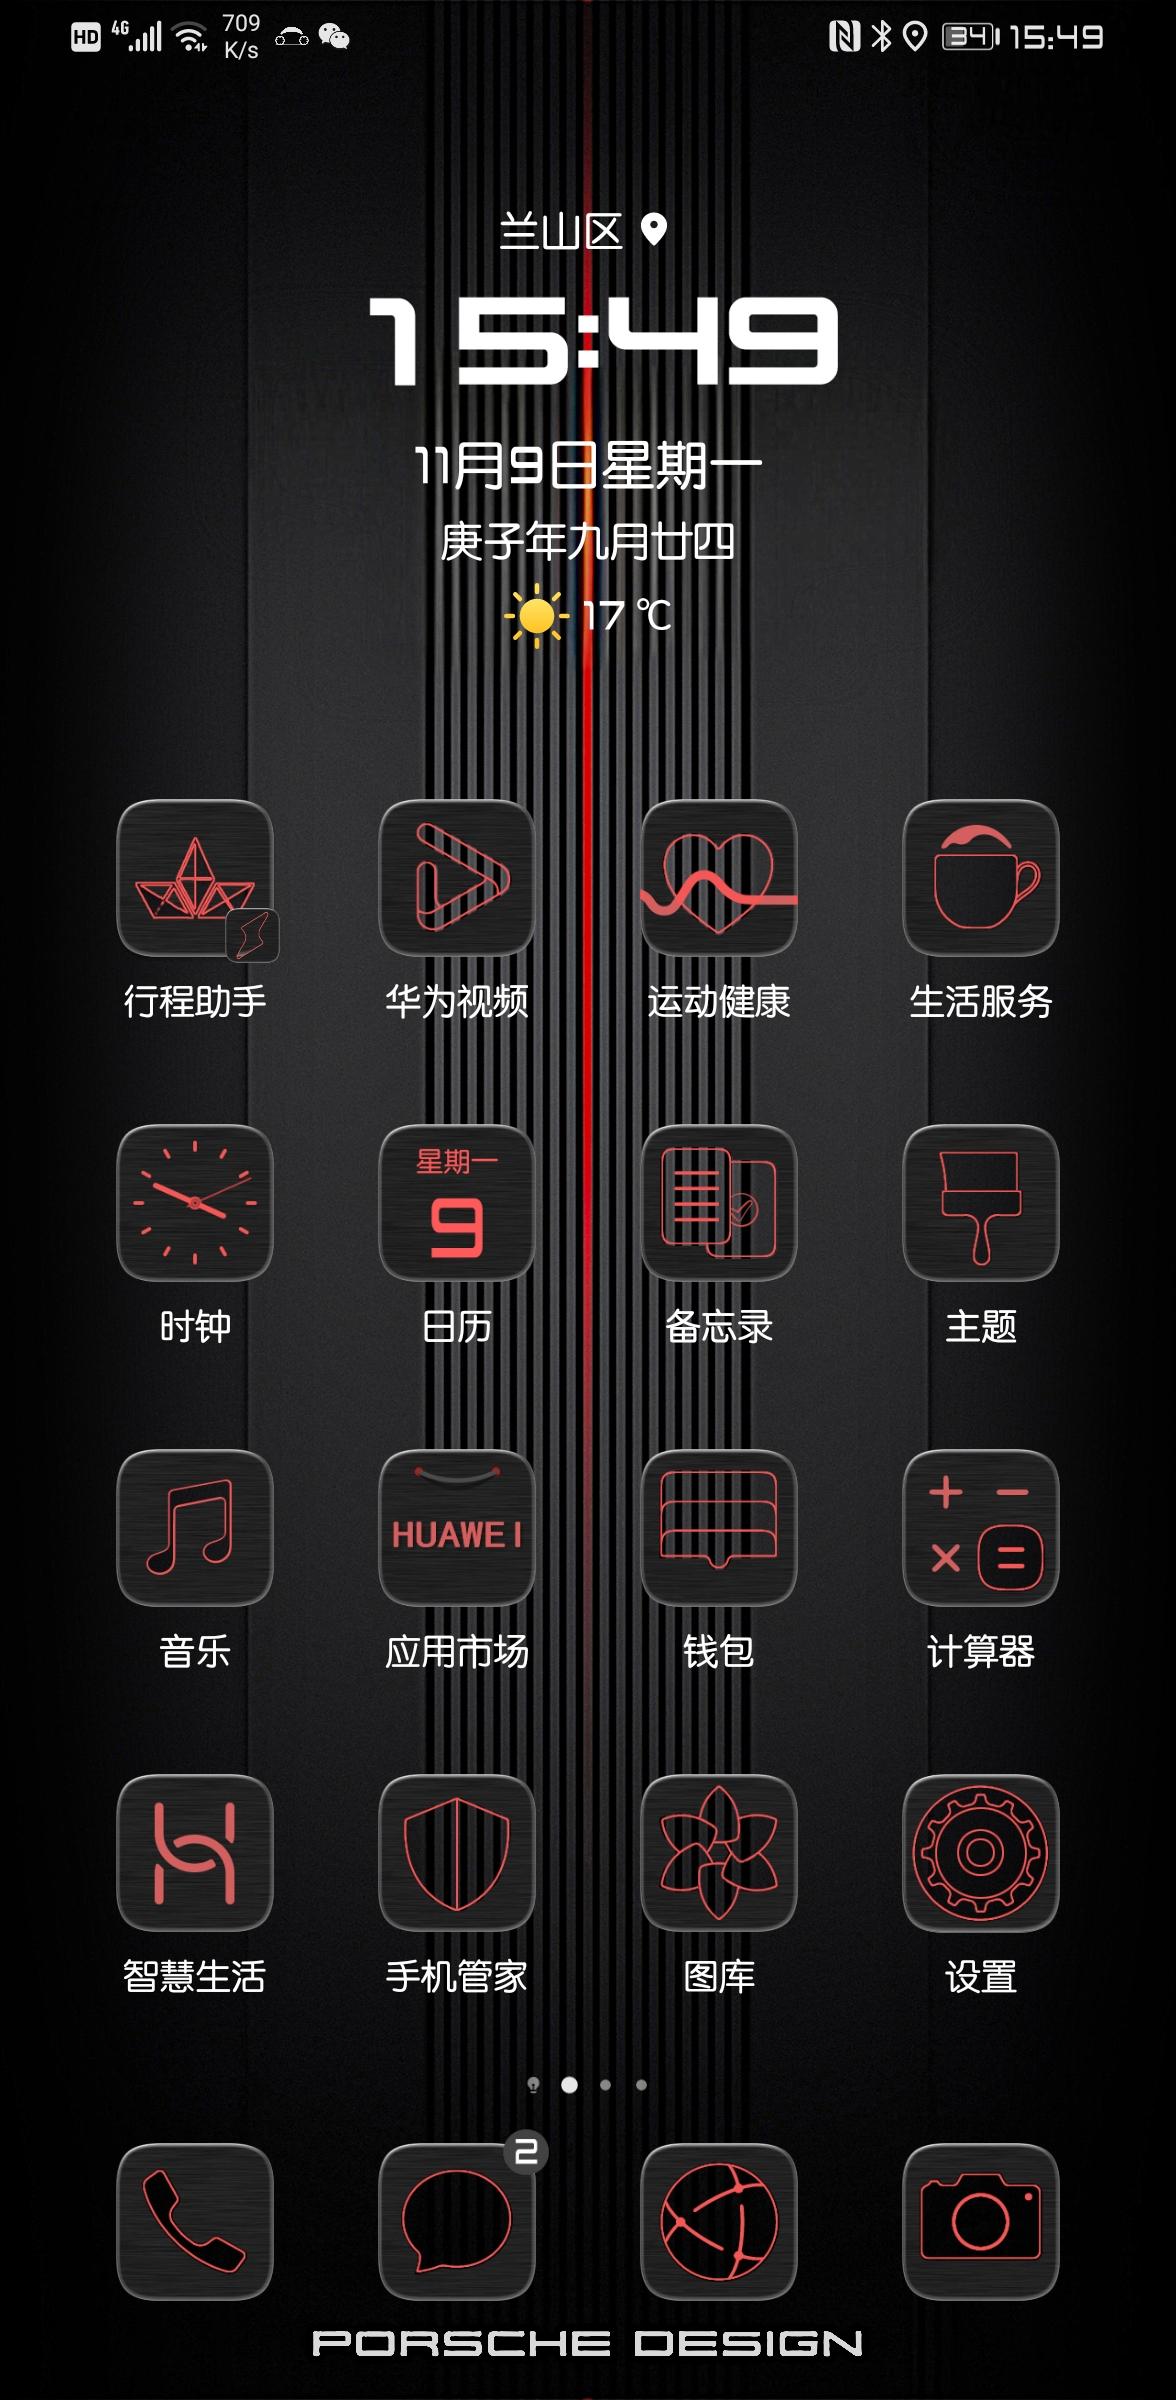 Screenshot_20201109_154911_com.huawei.android.launcher.jpg